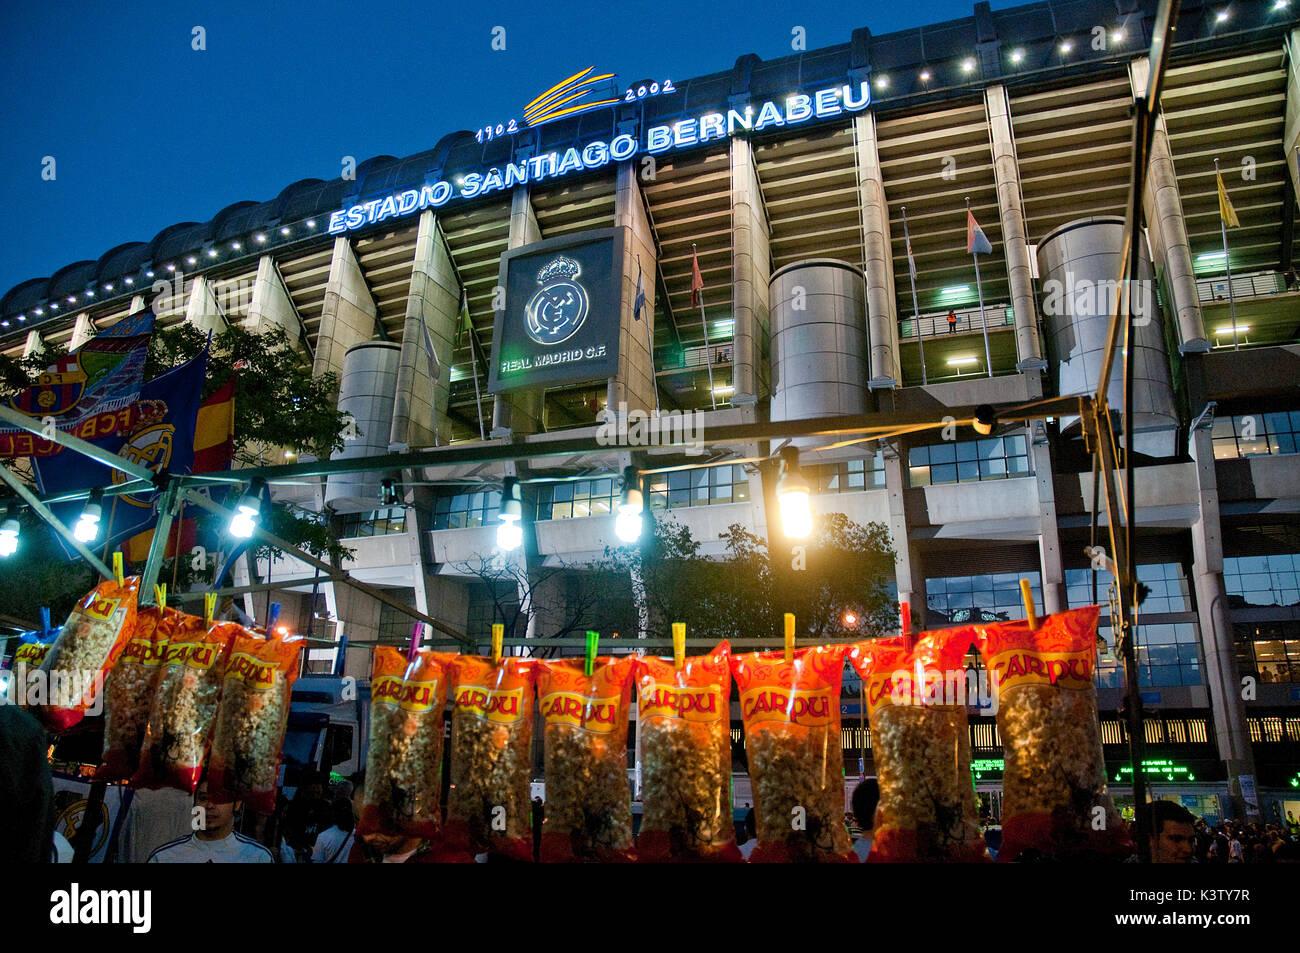 Fotbollsmatcher stalls in